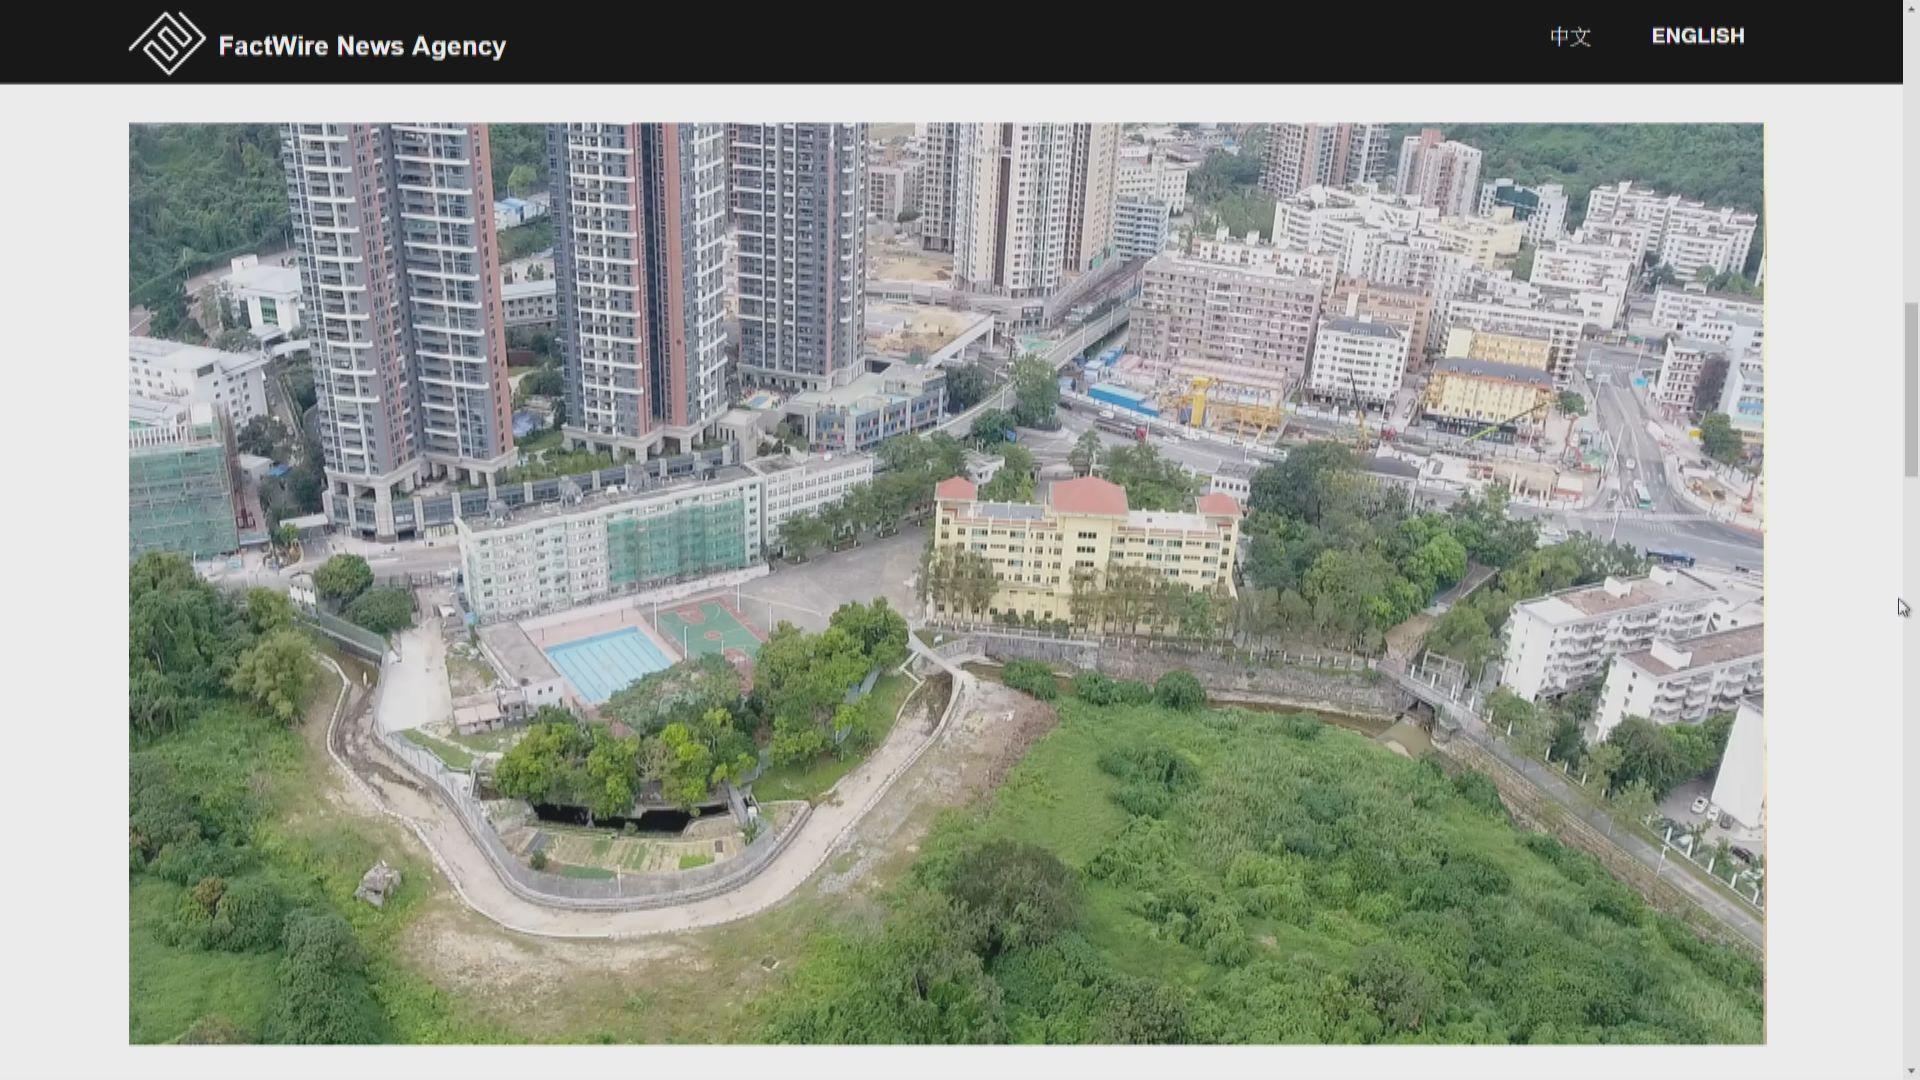 報道指內地邊防部隊疑越境佔用香港土地